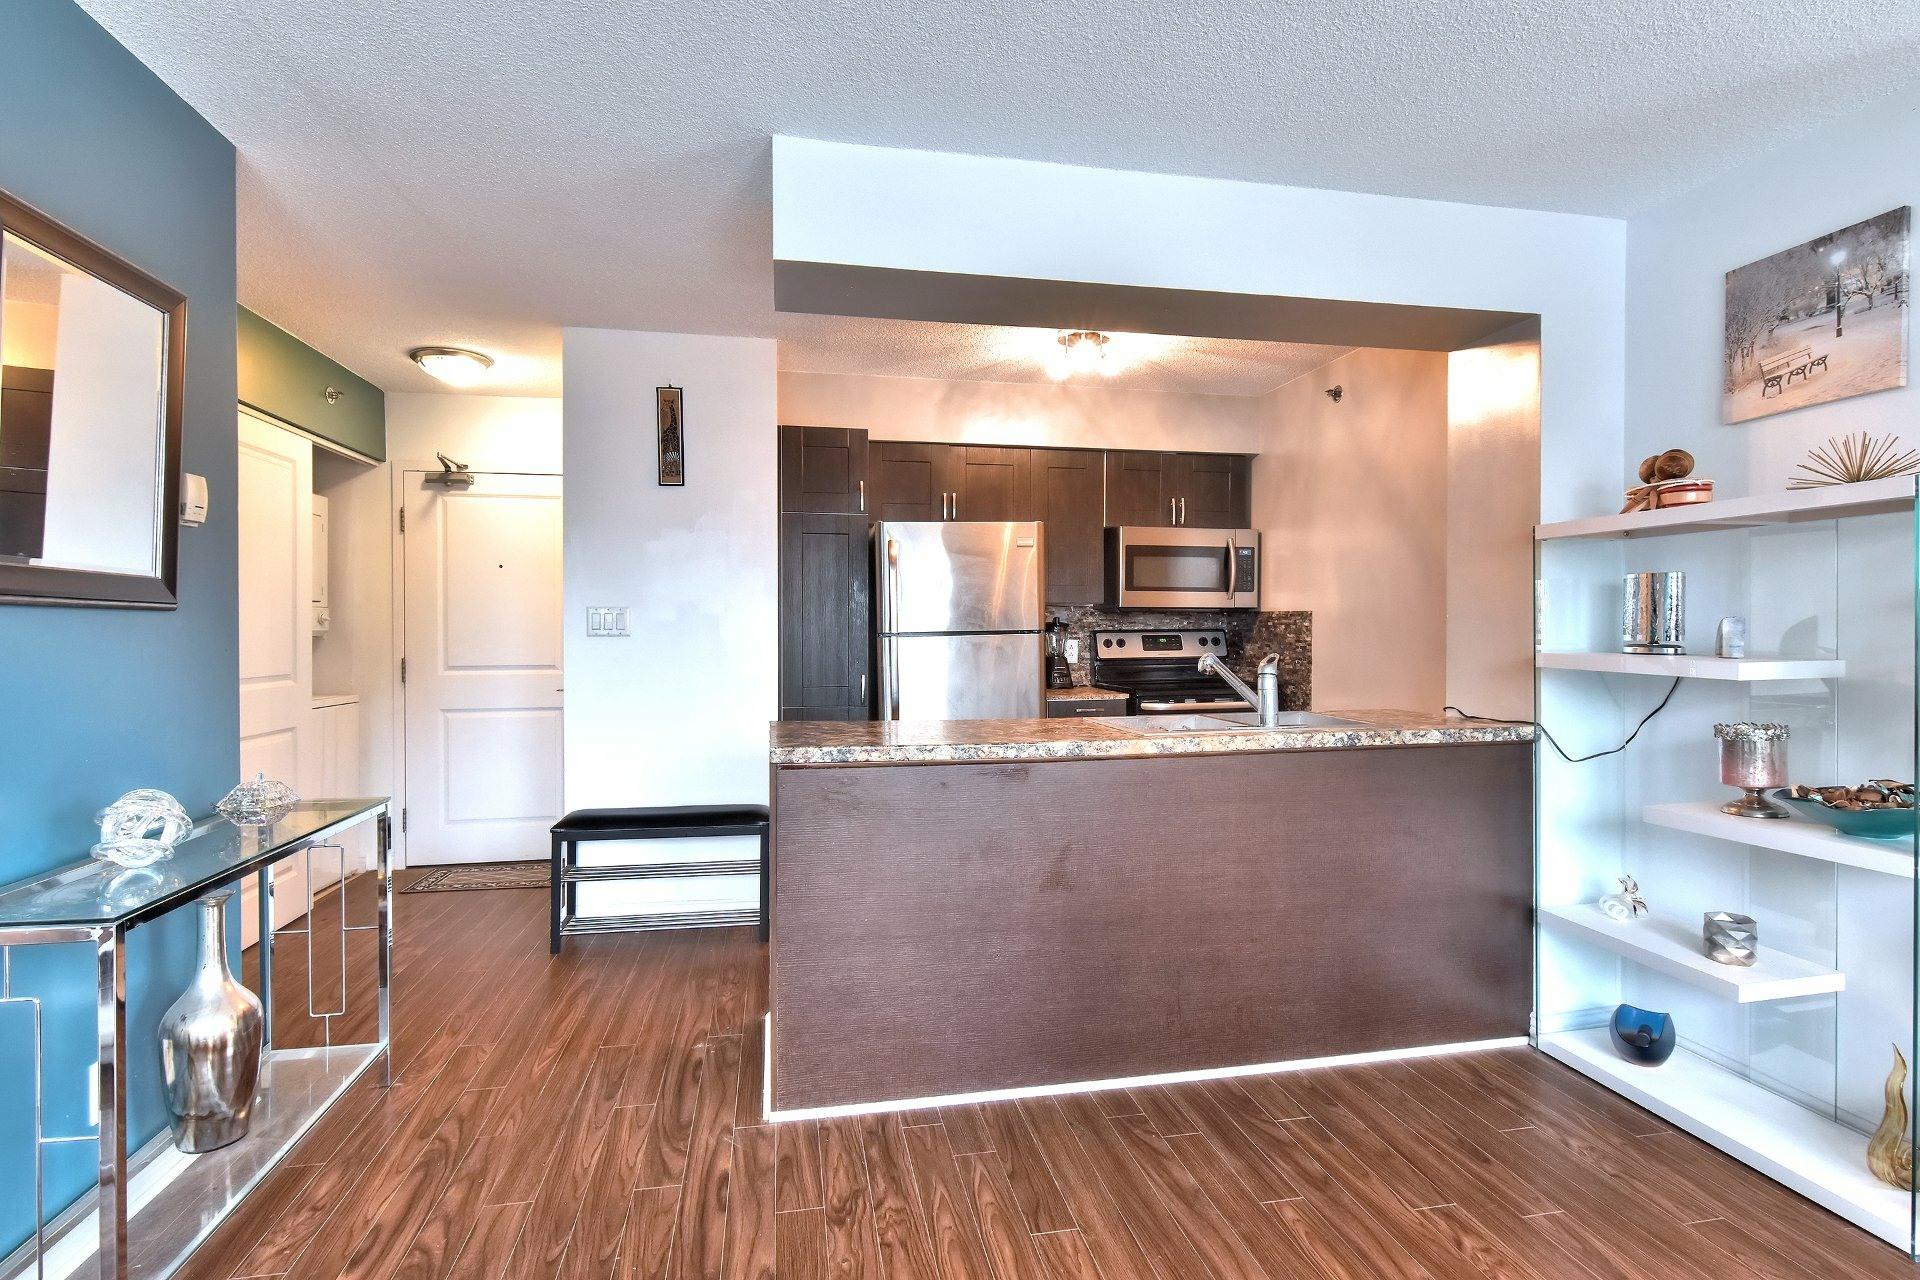 image 8 - Appartement À louer Ville-Marie Montréal  - 6 pièces